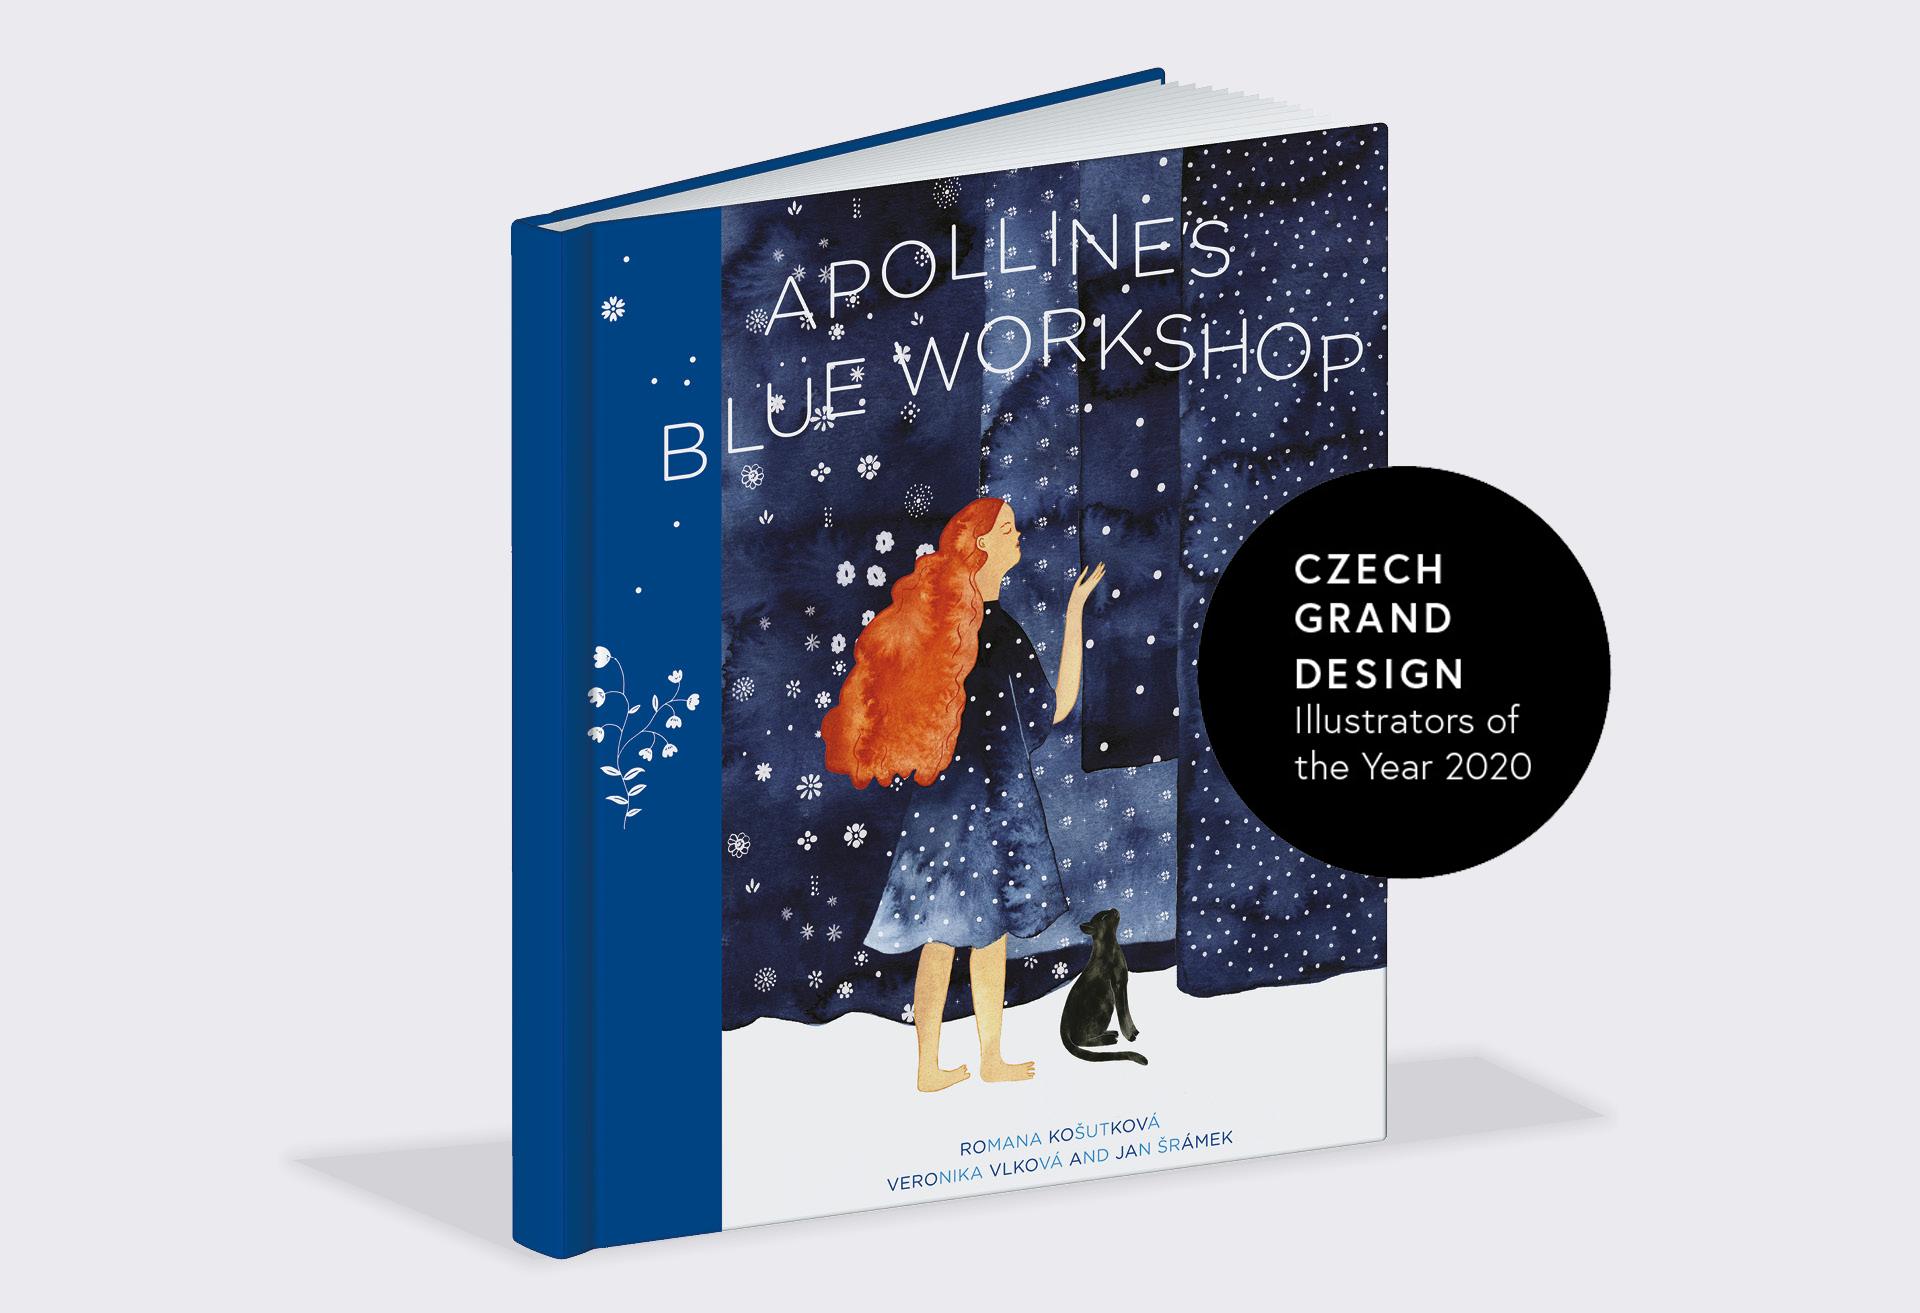 2_Apolline's Blue Workshop _big_s_plaketkou